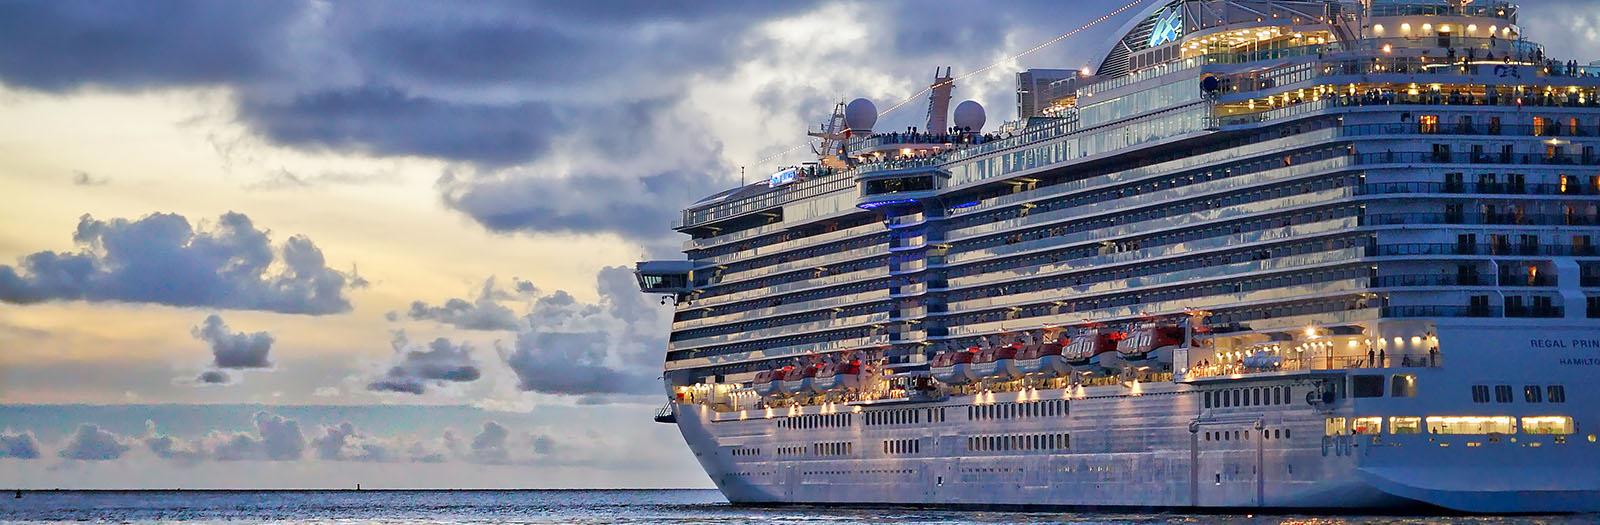 photo of a cruise ship sailing along the coast